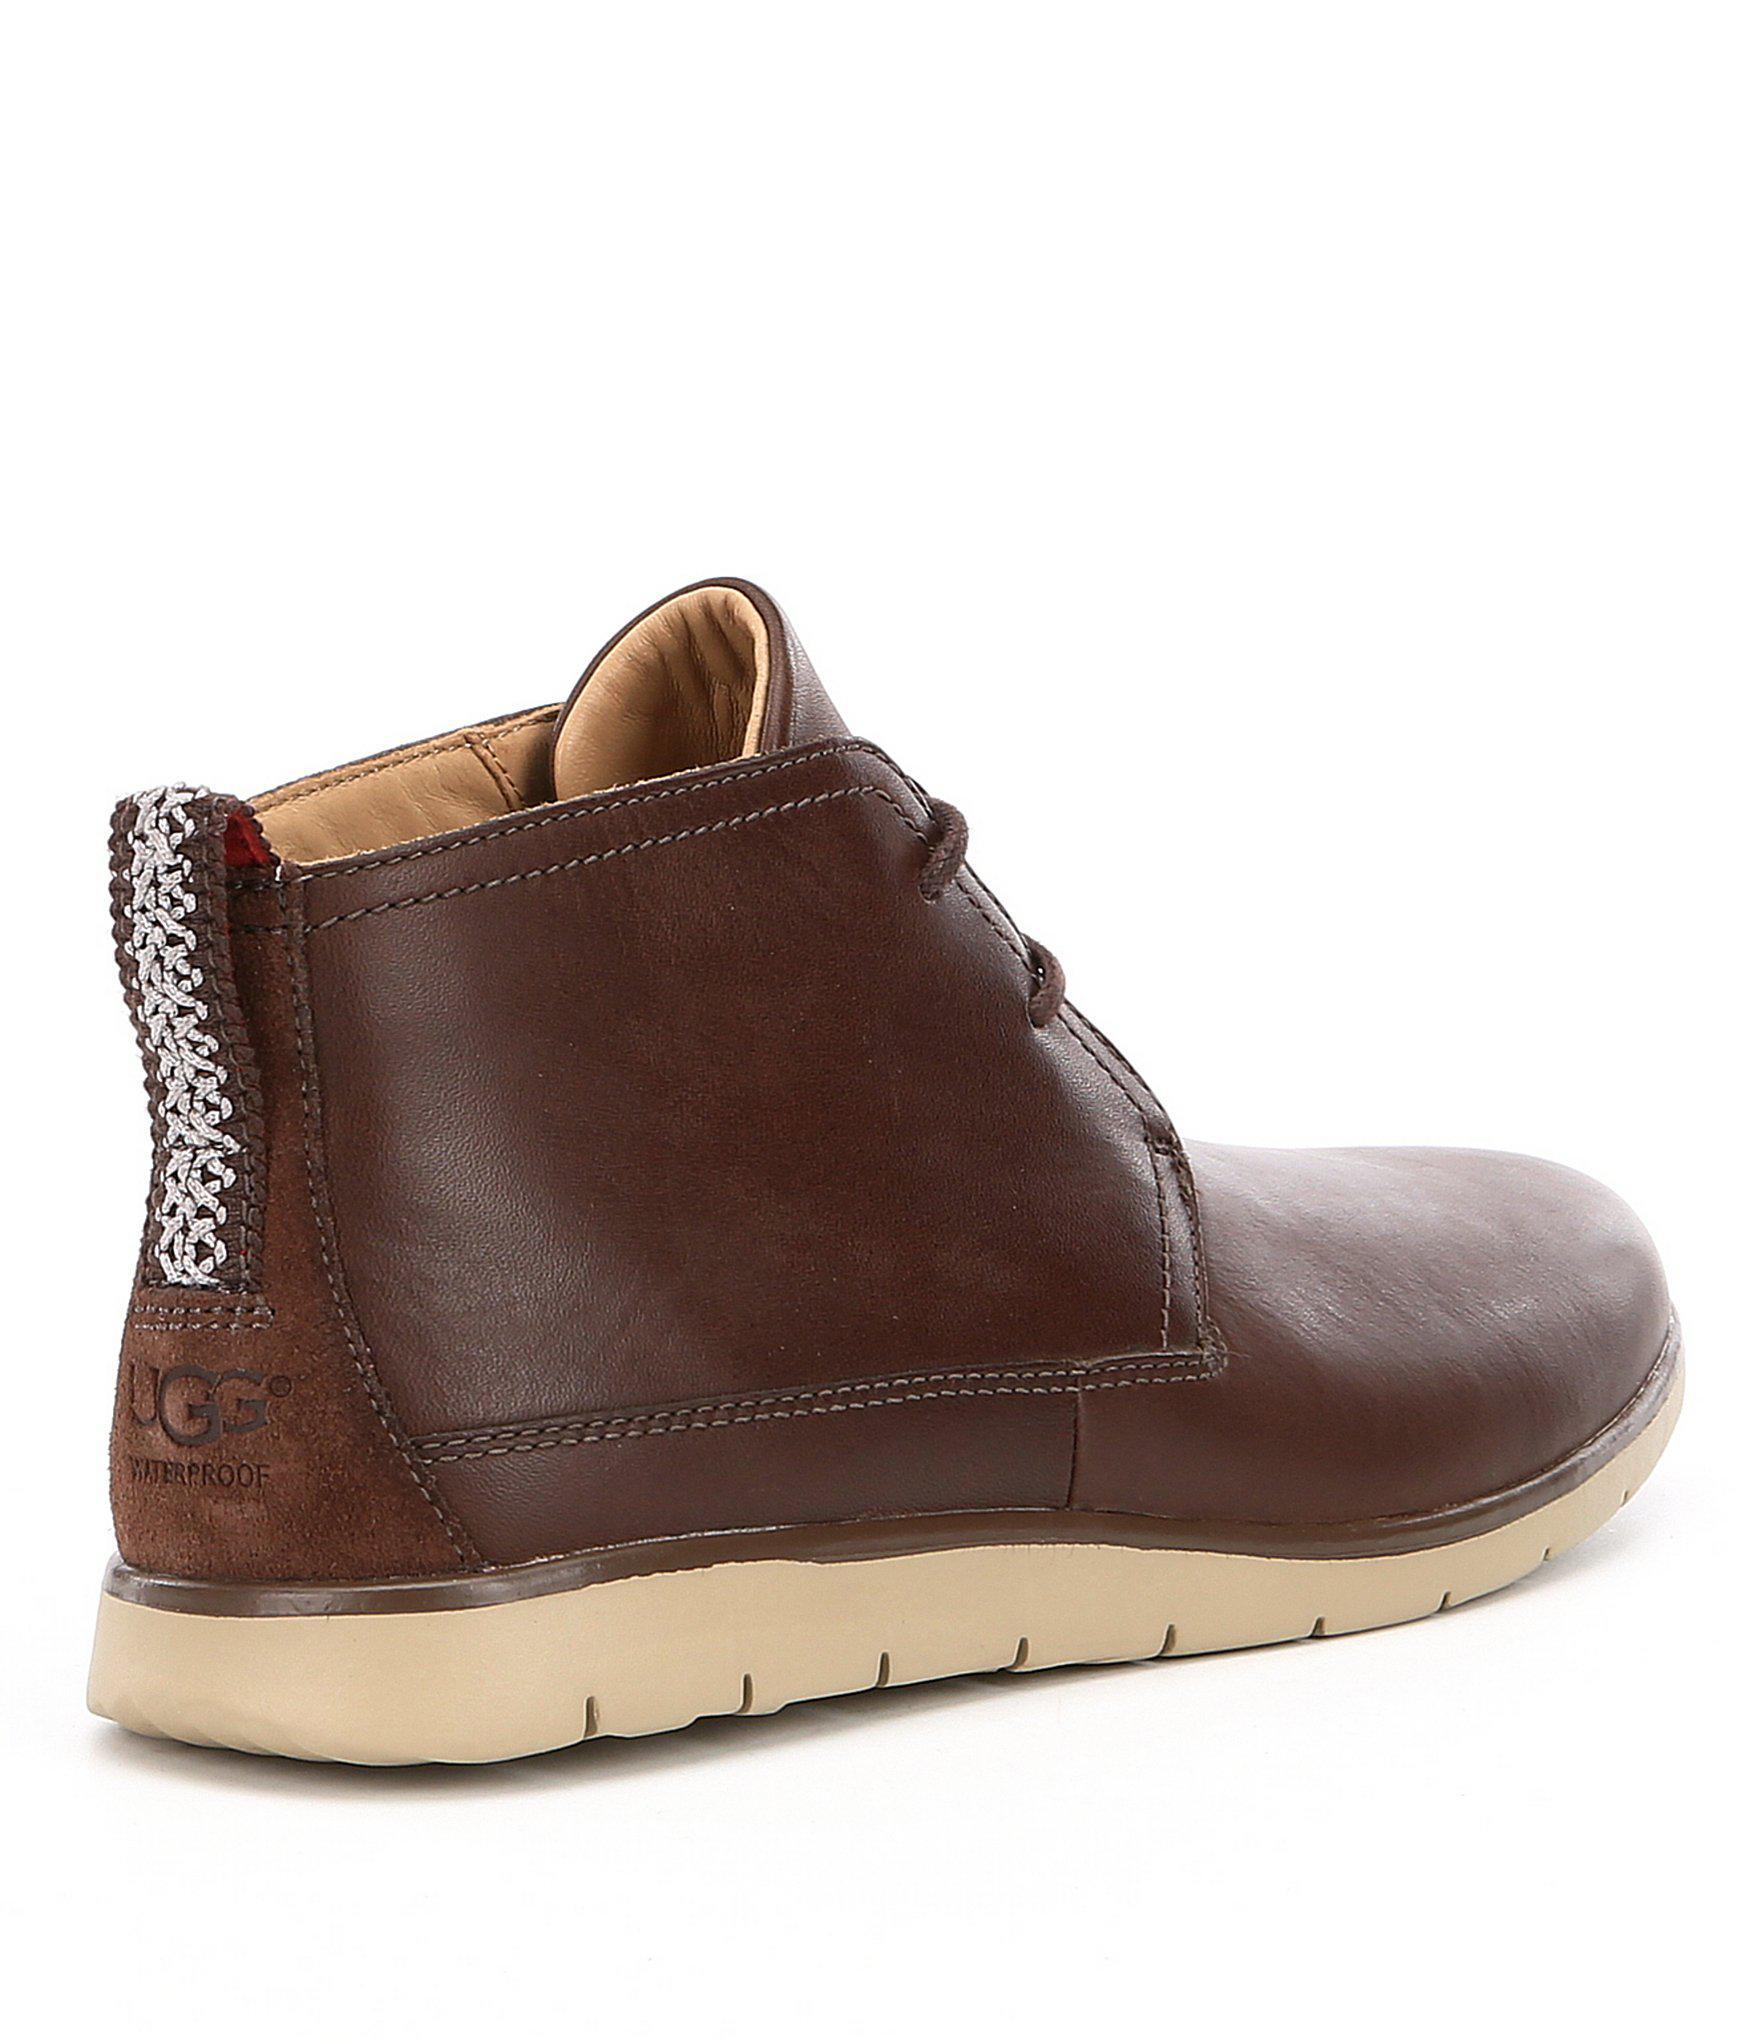 freamon waterproof chukka boot